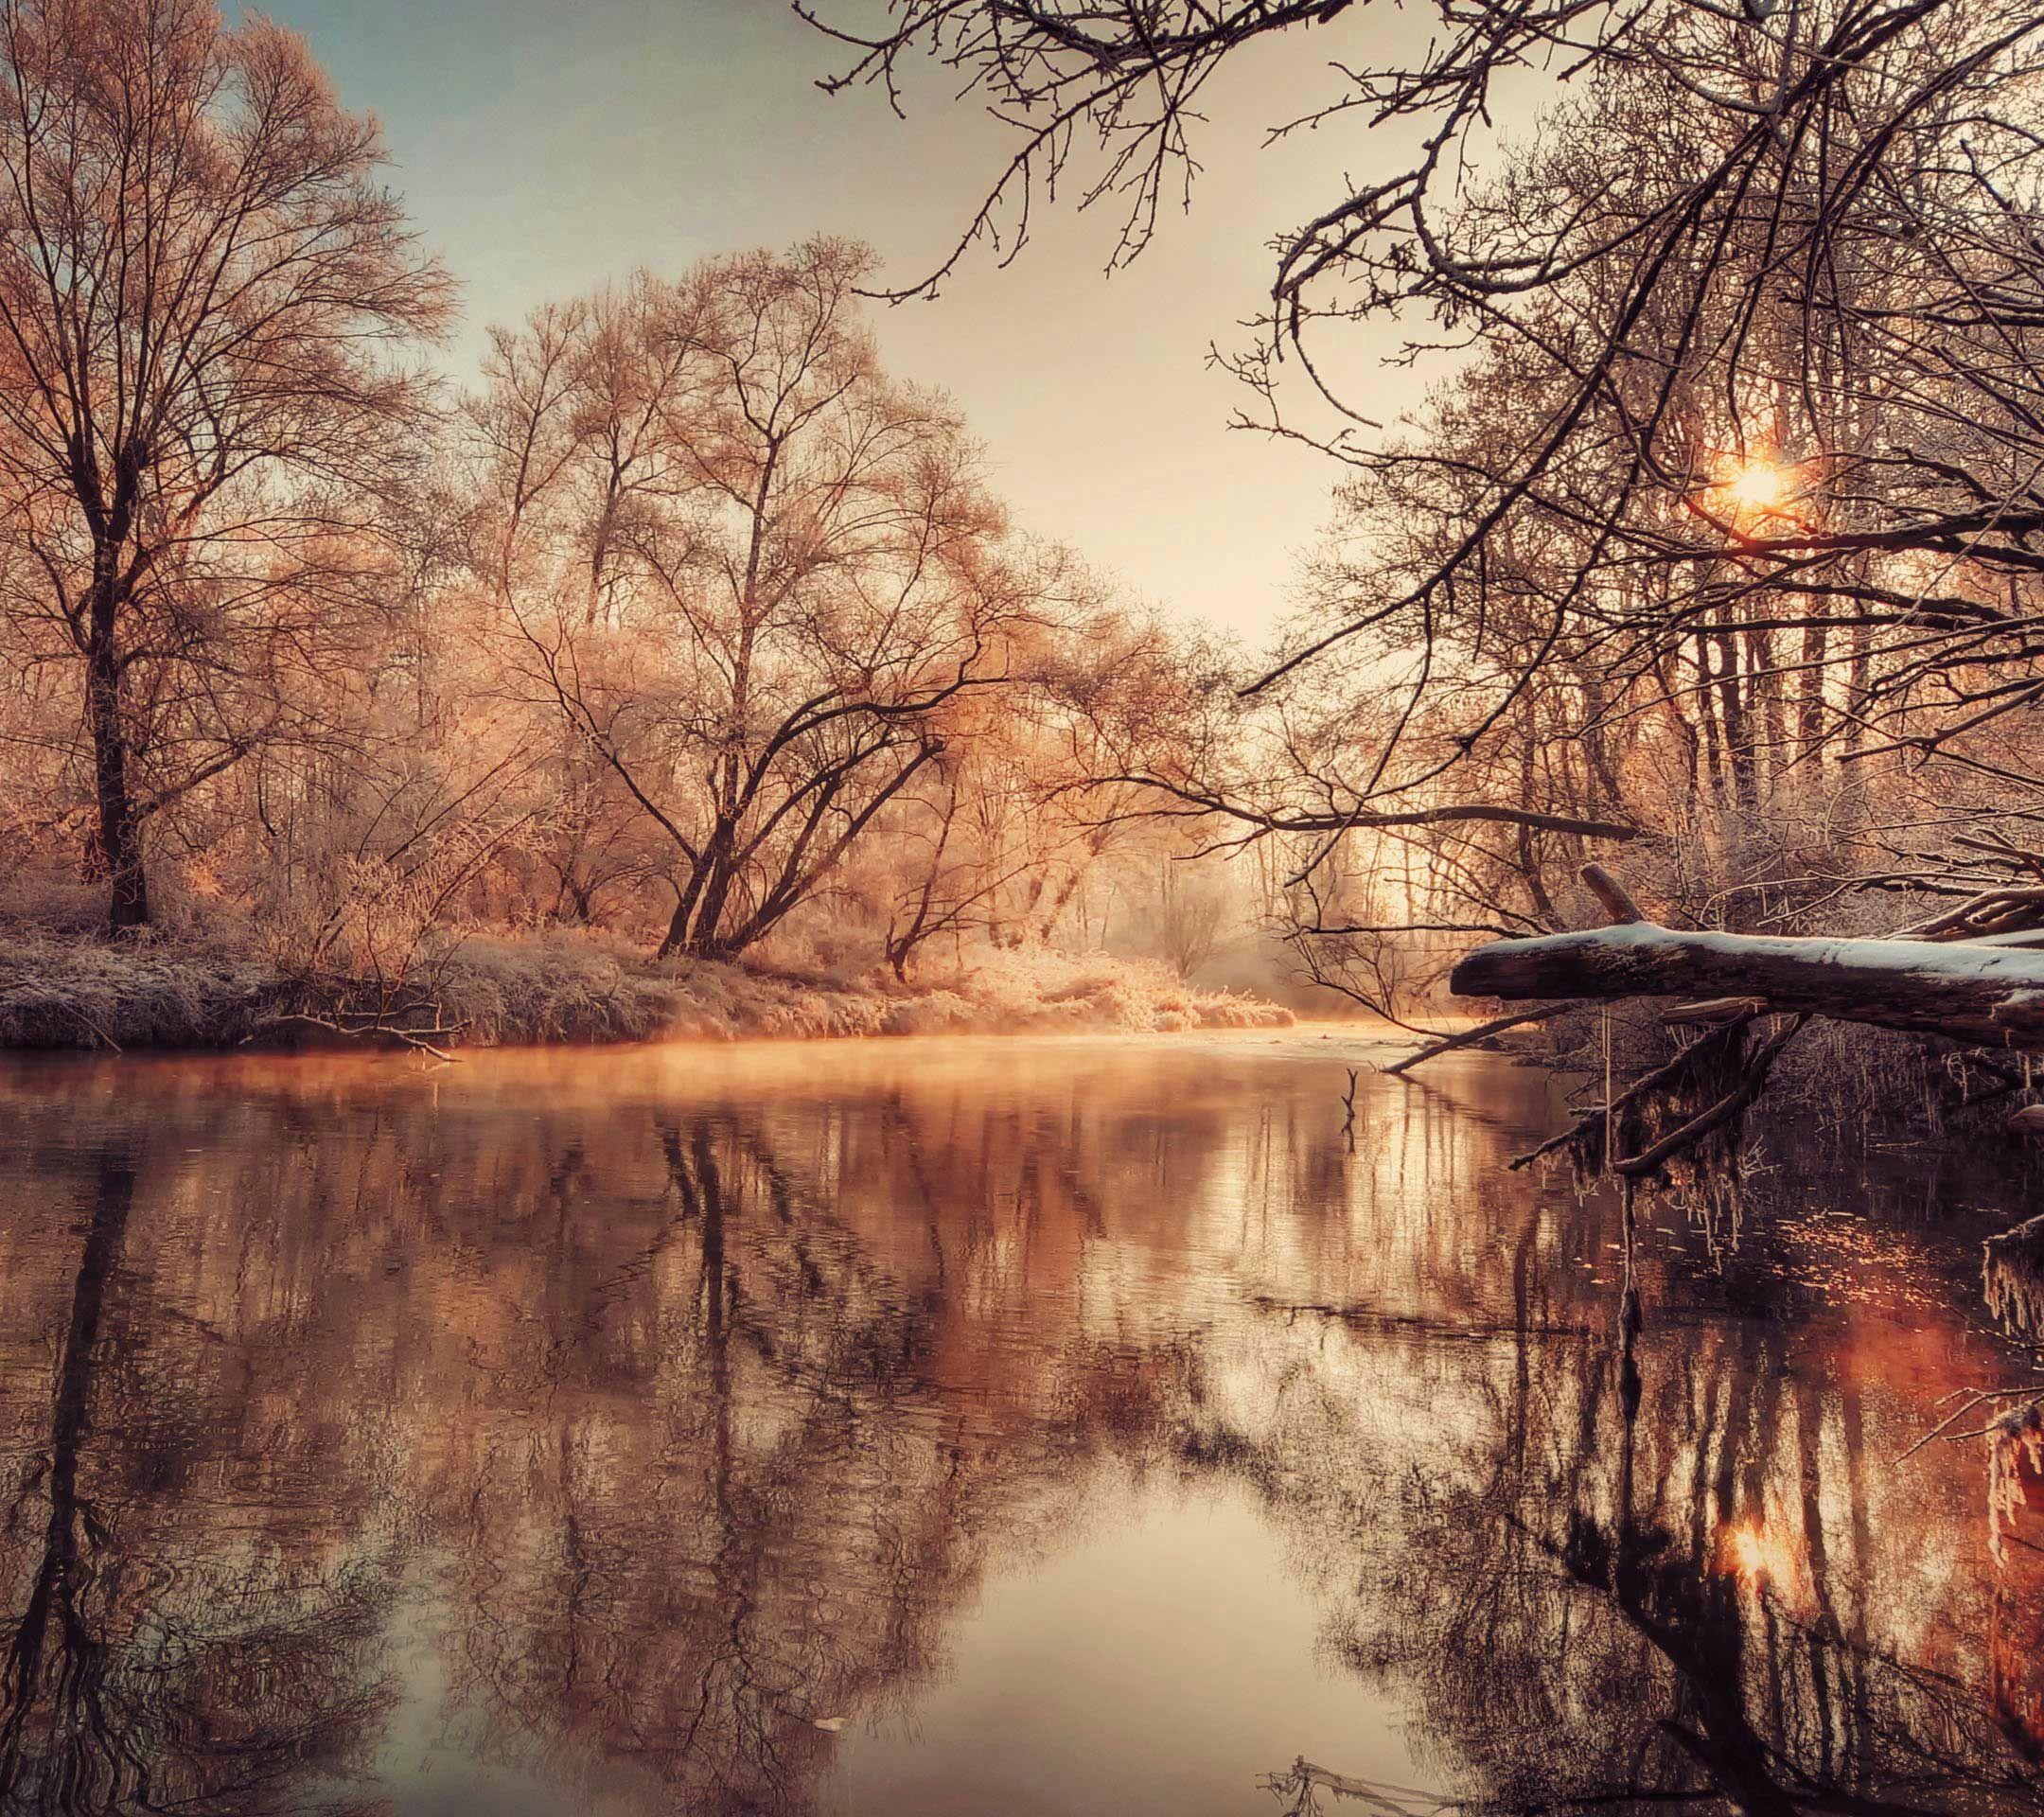 autumnal lake xperia z2 wallpaper